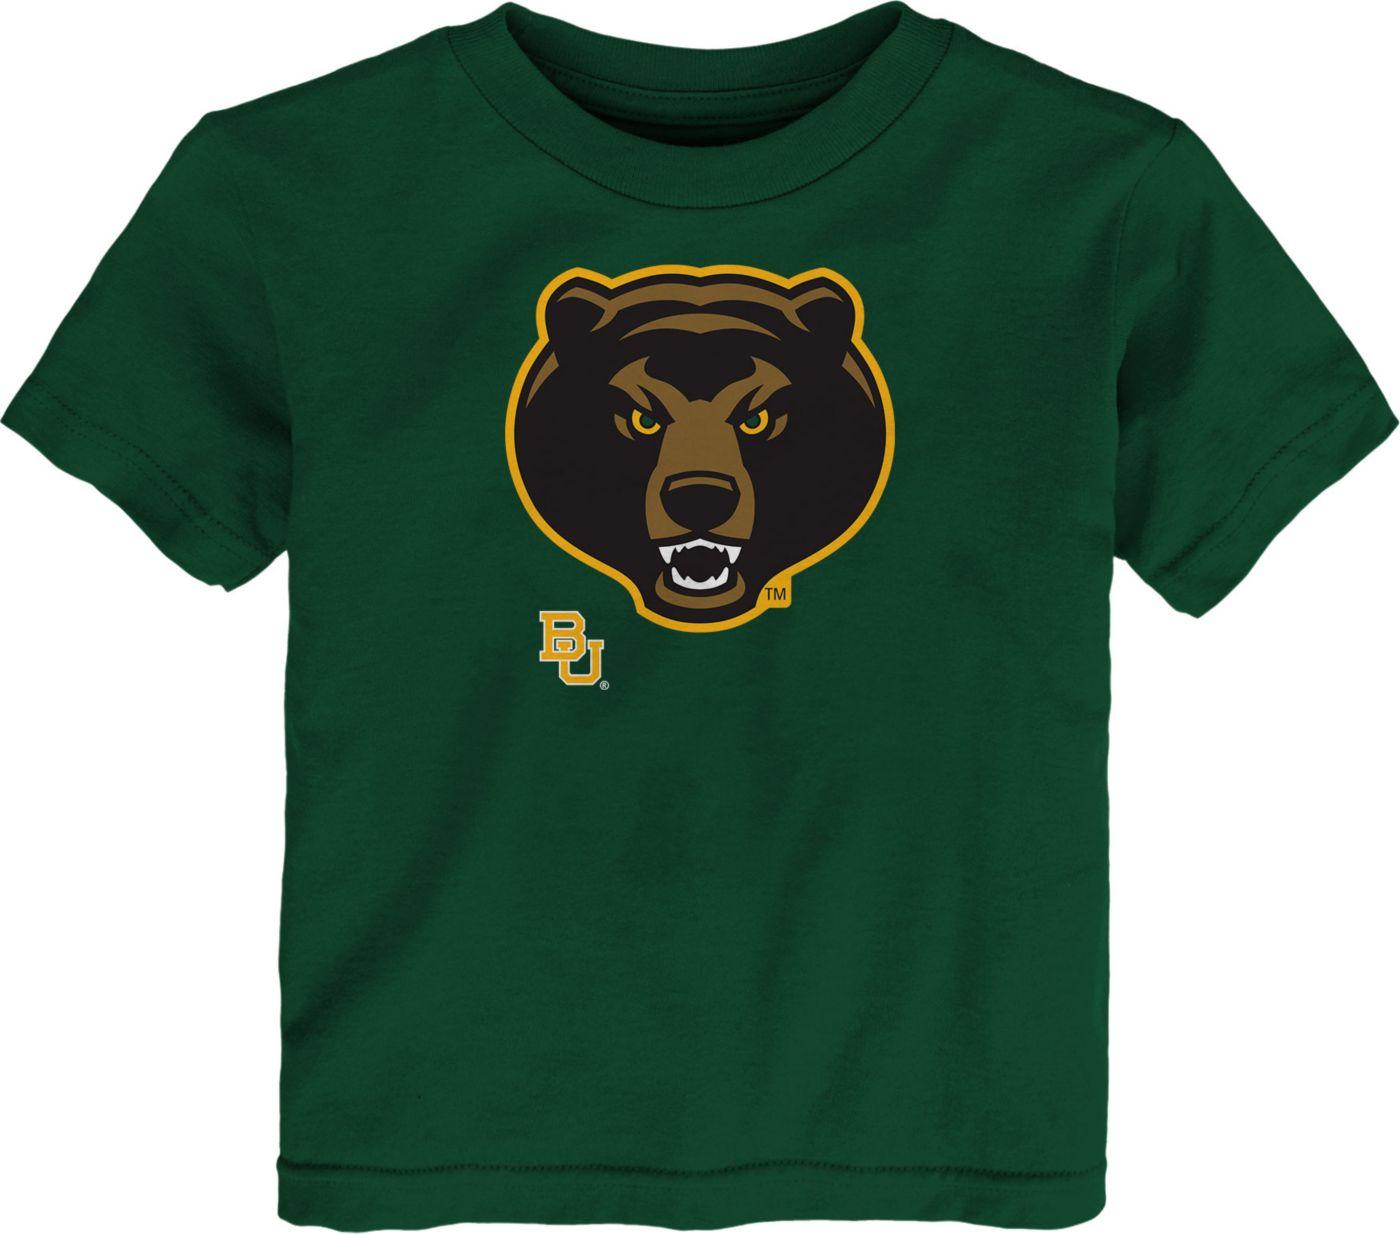 Gen2 Toddler Baylor Bears Green Headshot T-Shirt